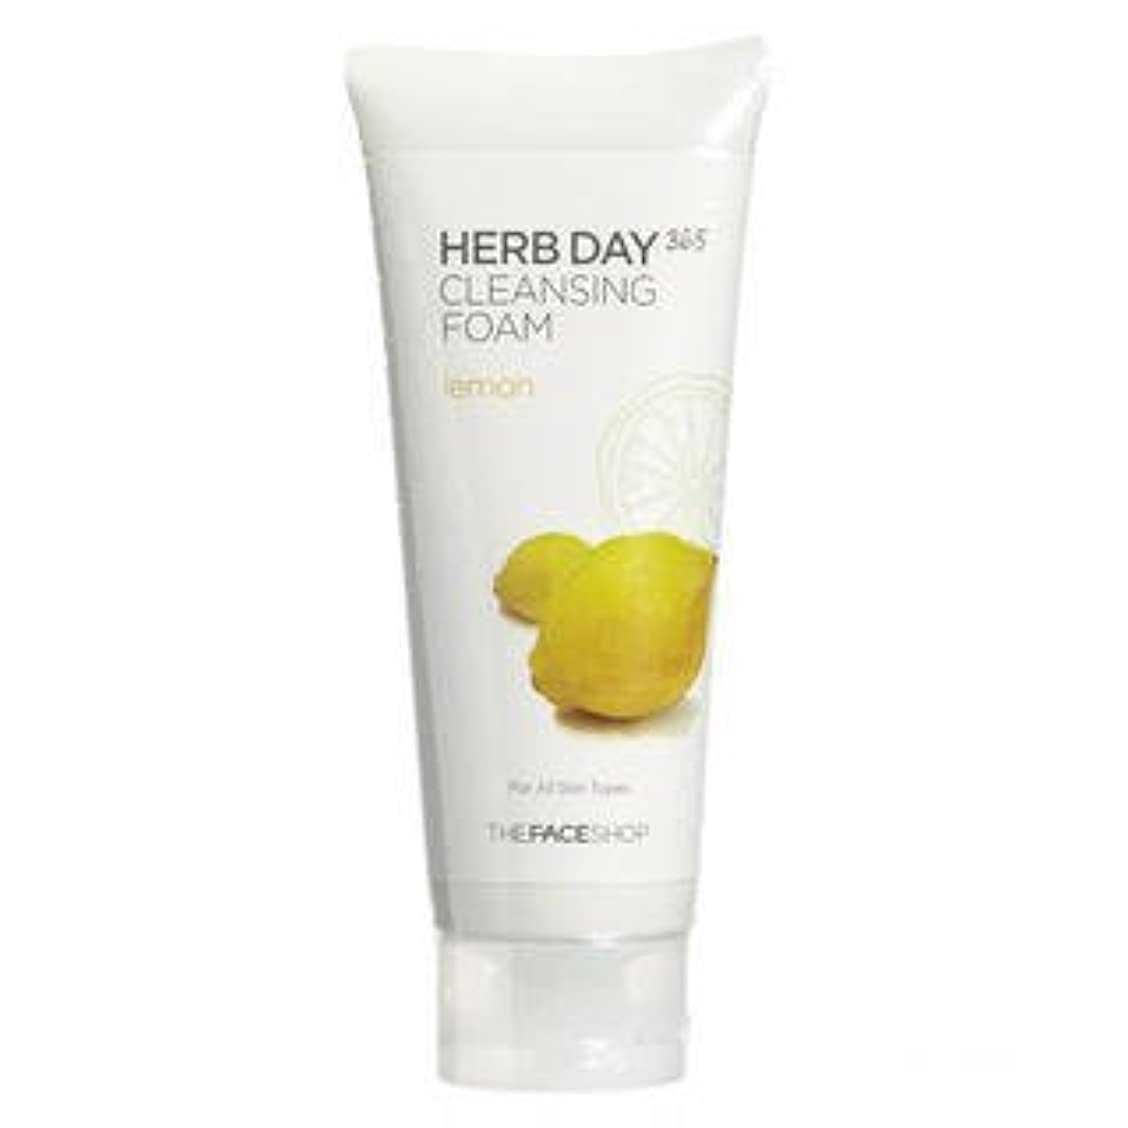 しつけ行商人分布The Face Shop - Herb Day Cleansing Cleansing Foam (Lemon)170ml /Made in Korea